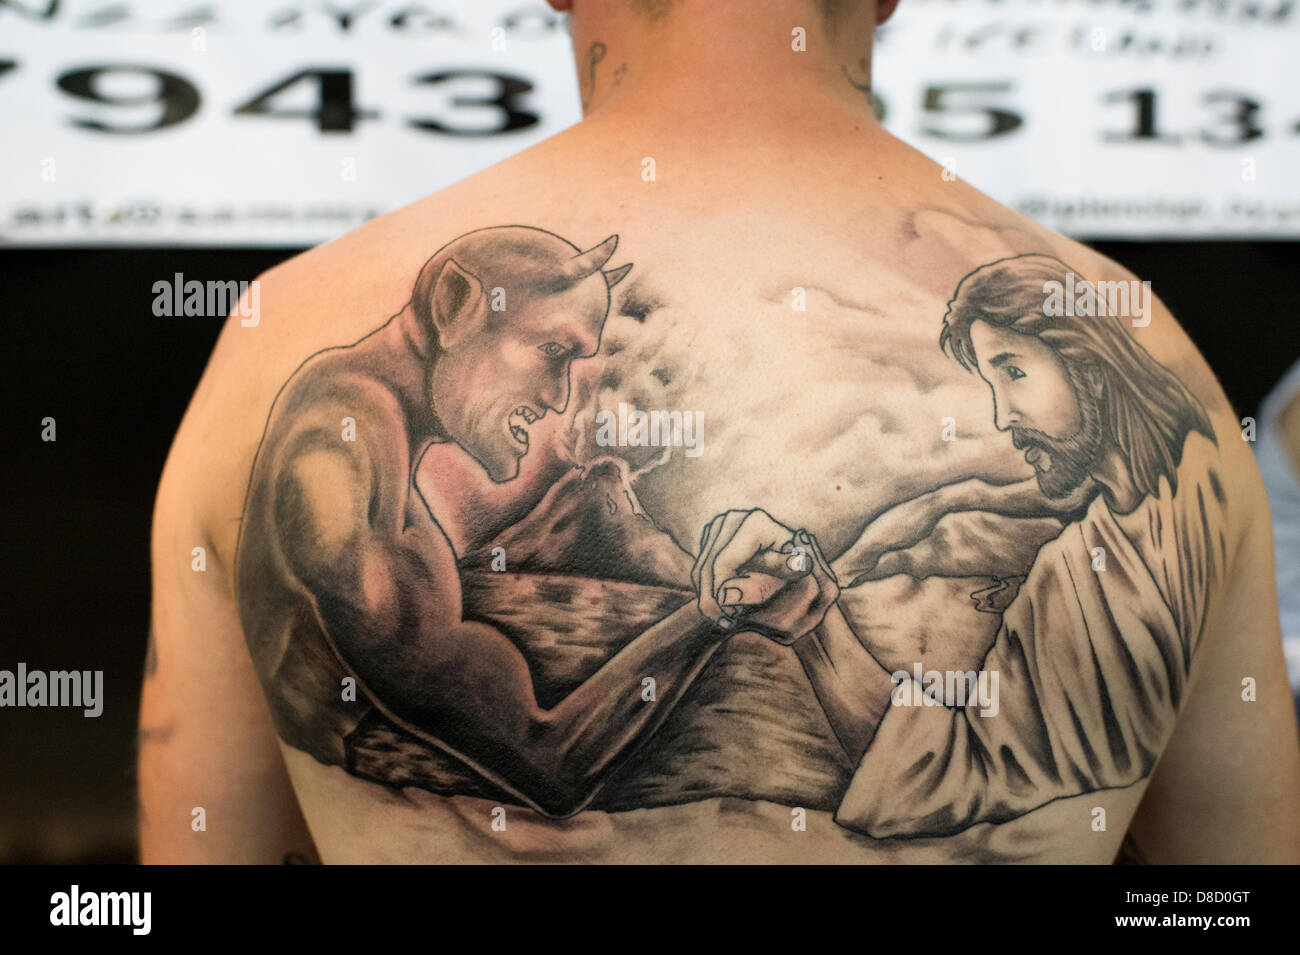 Good Evil Tattoo Imagenes De Stock Good Evil Tattoo Fotos De Stock